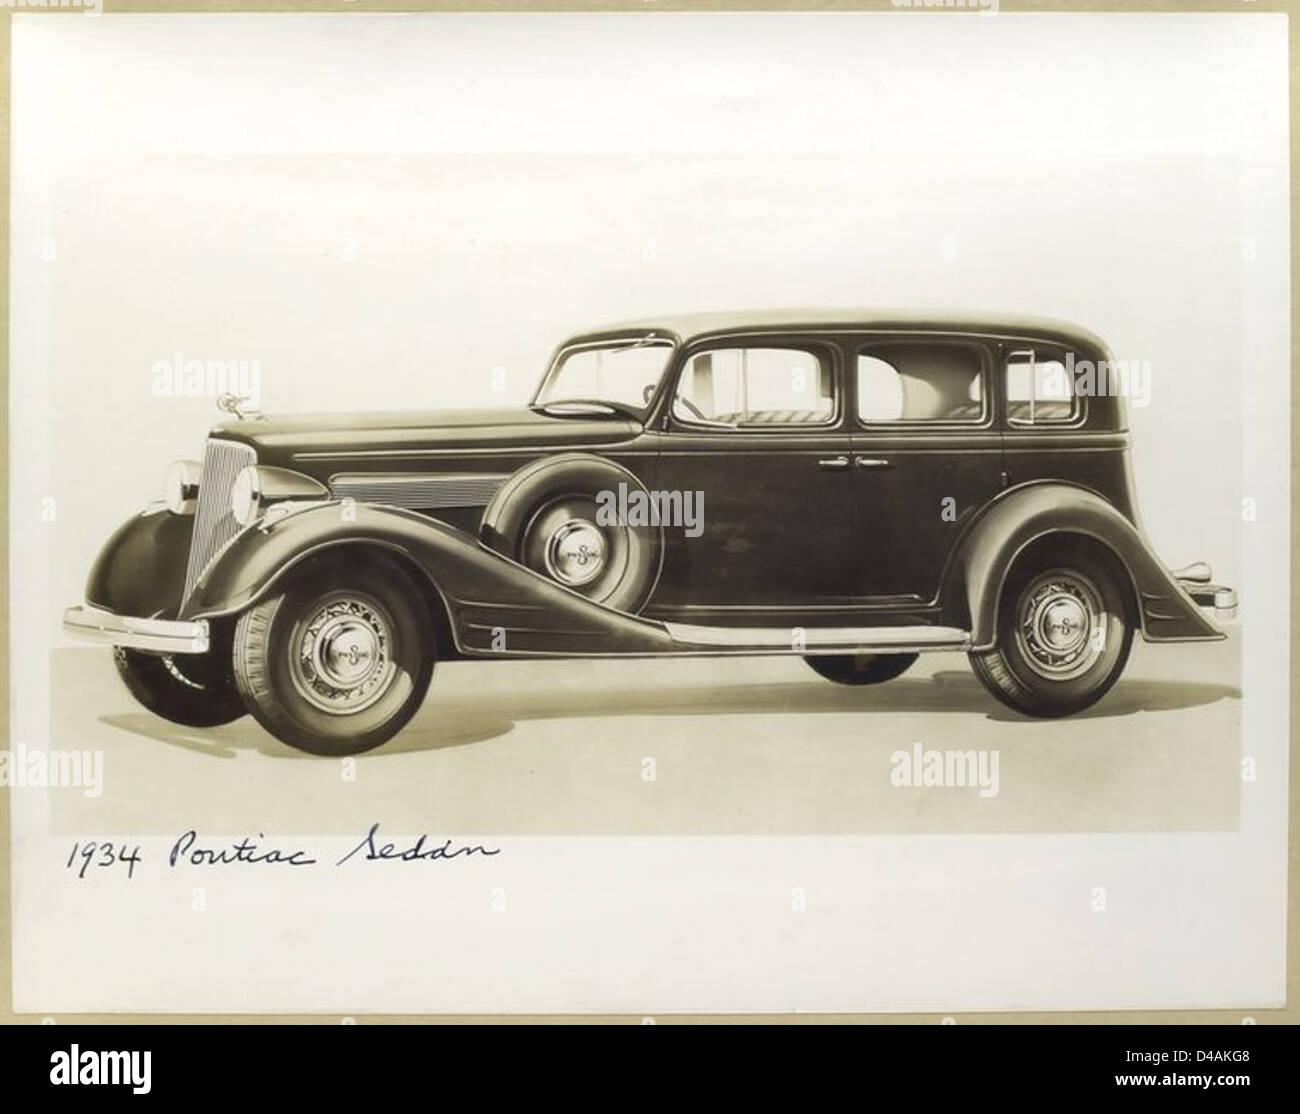 1934 Pontiac Sedan Stock Photo: 54324600 - Alamy